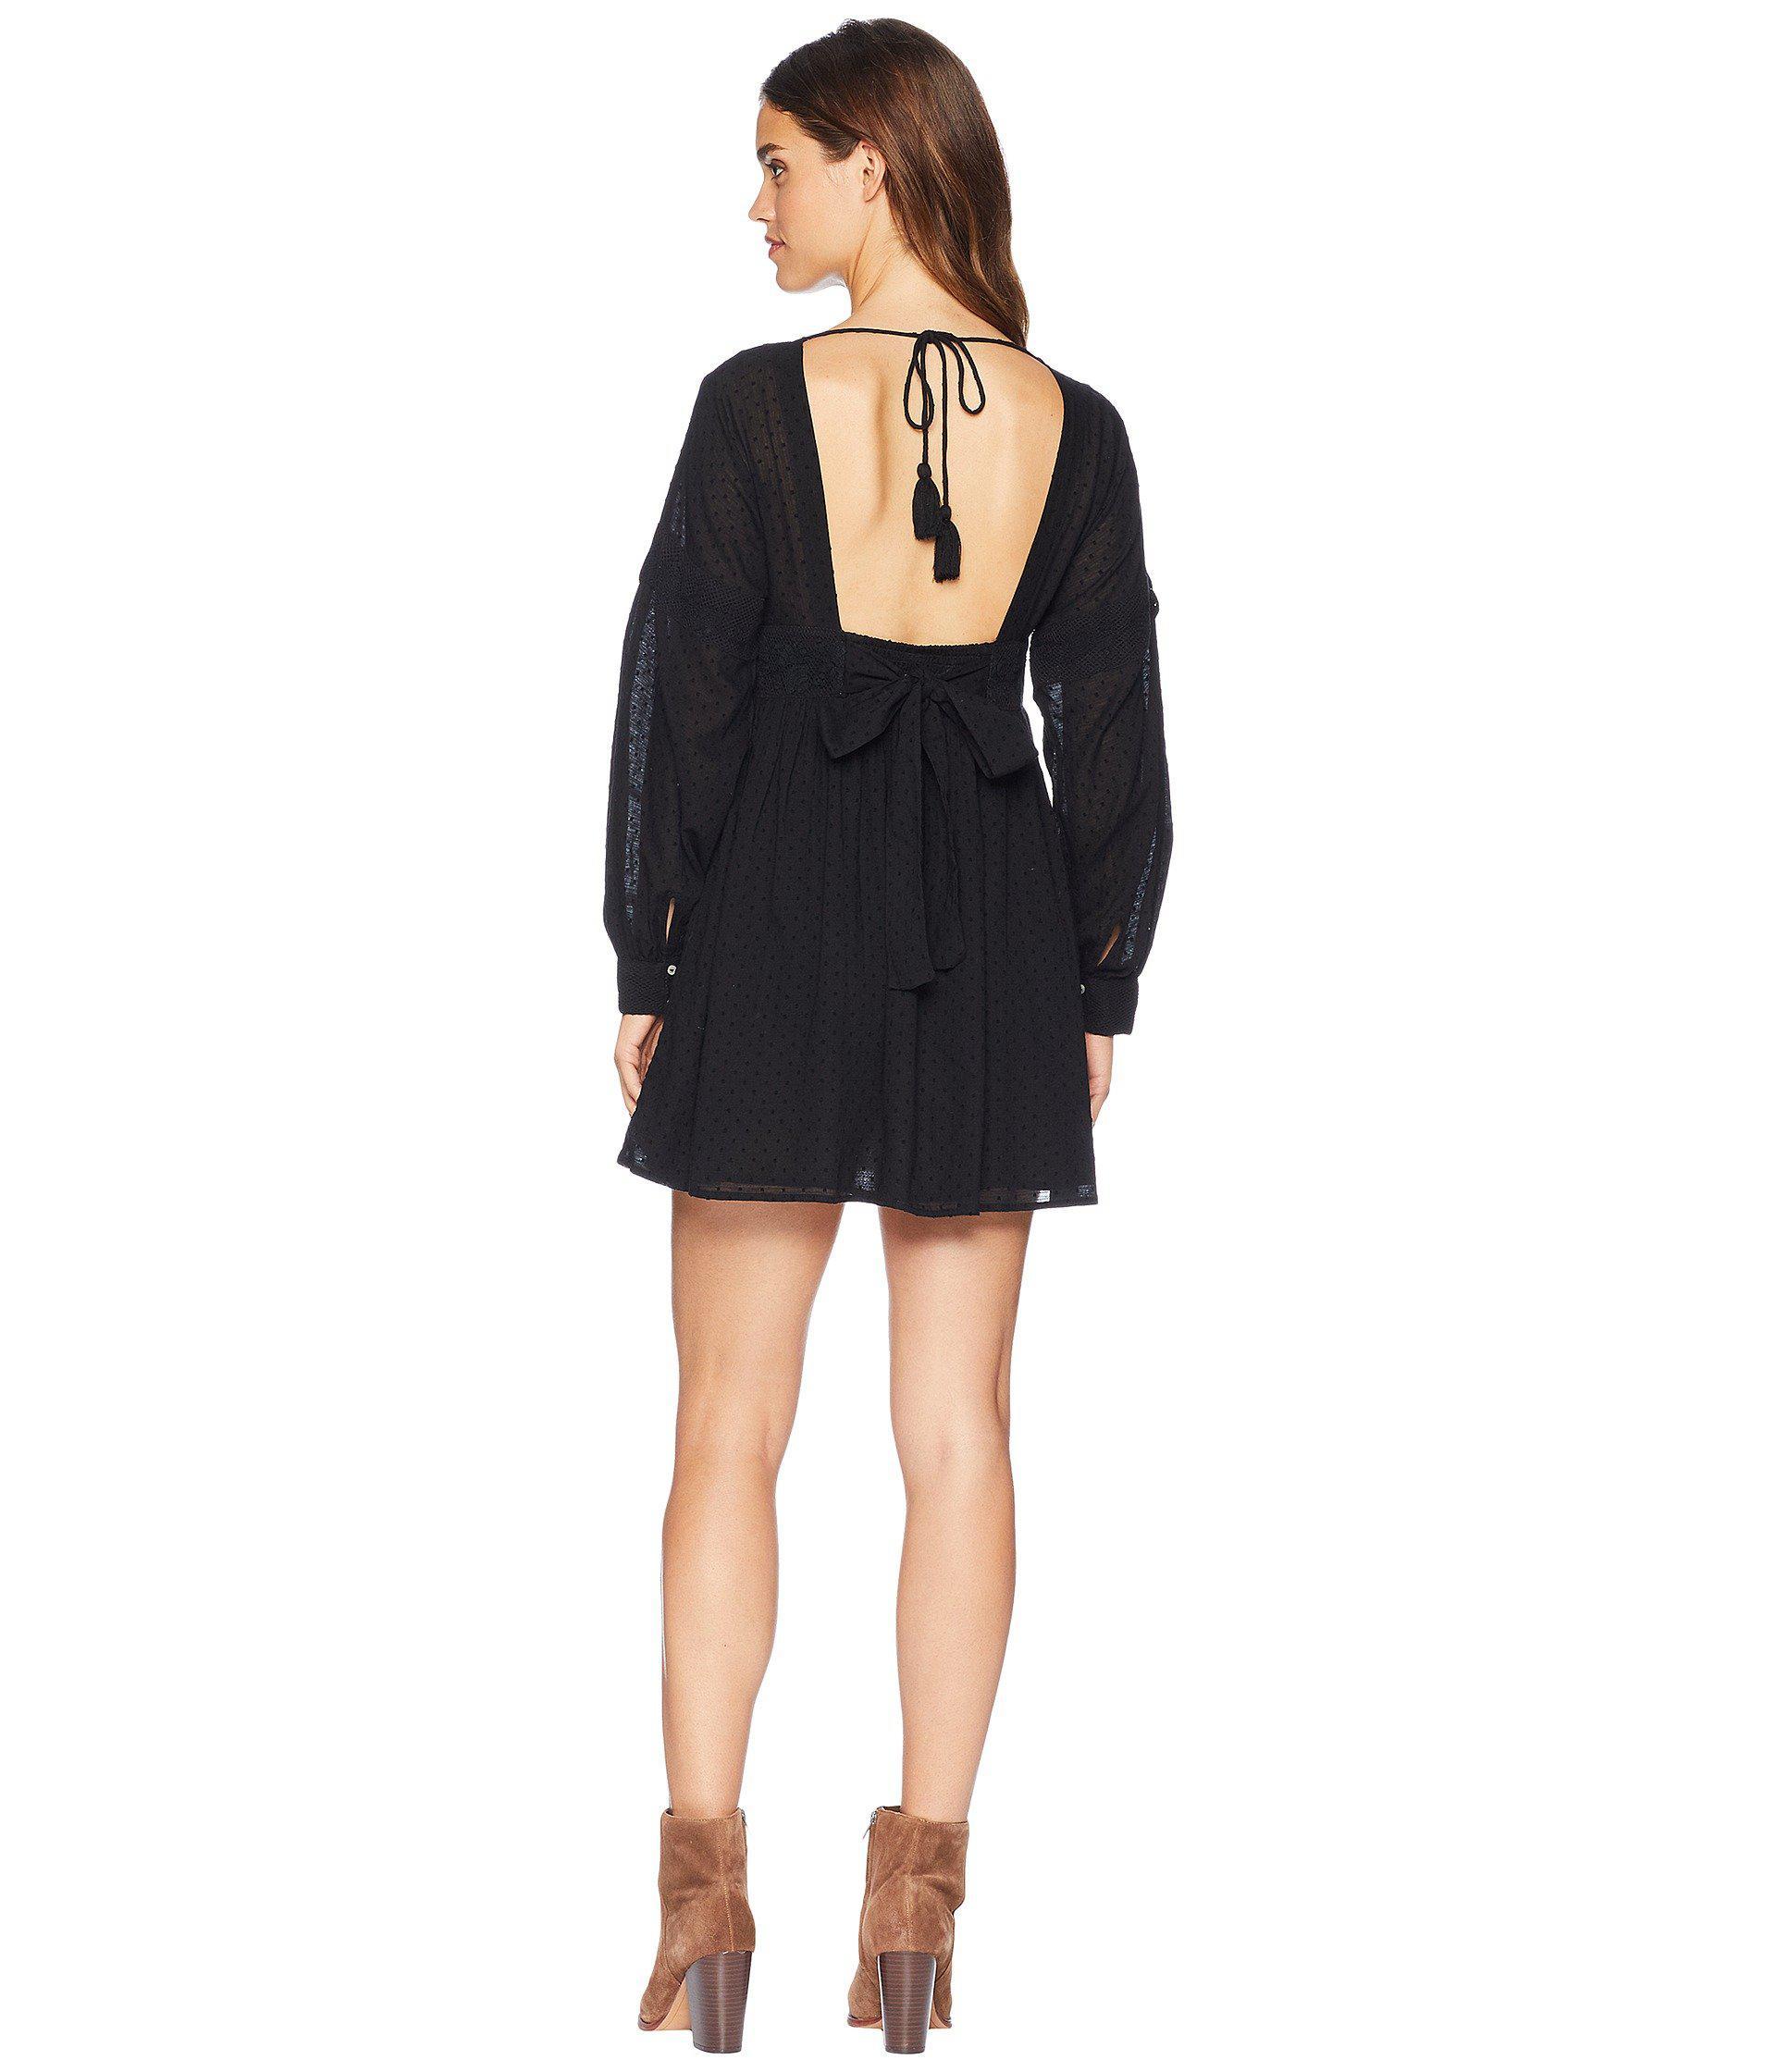 26727b0045b Free People - Black Sugarpie Mini Dress - Lyst. View fullscreen